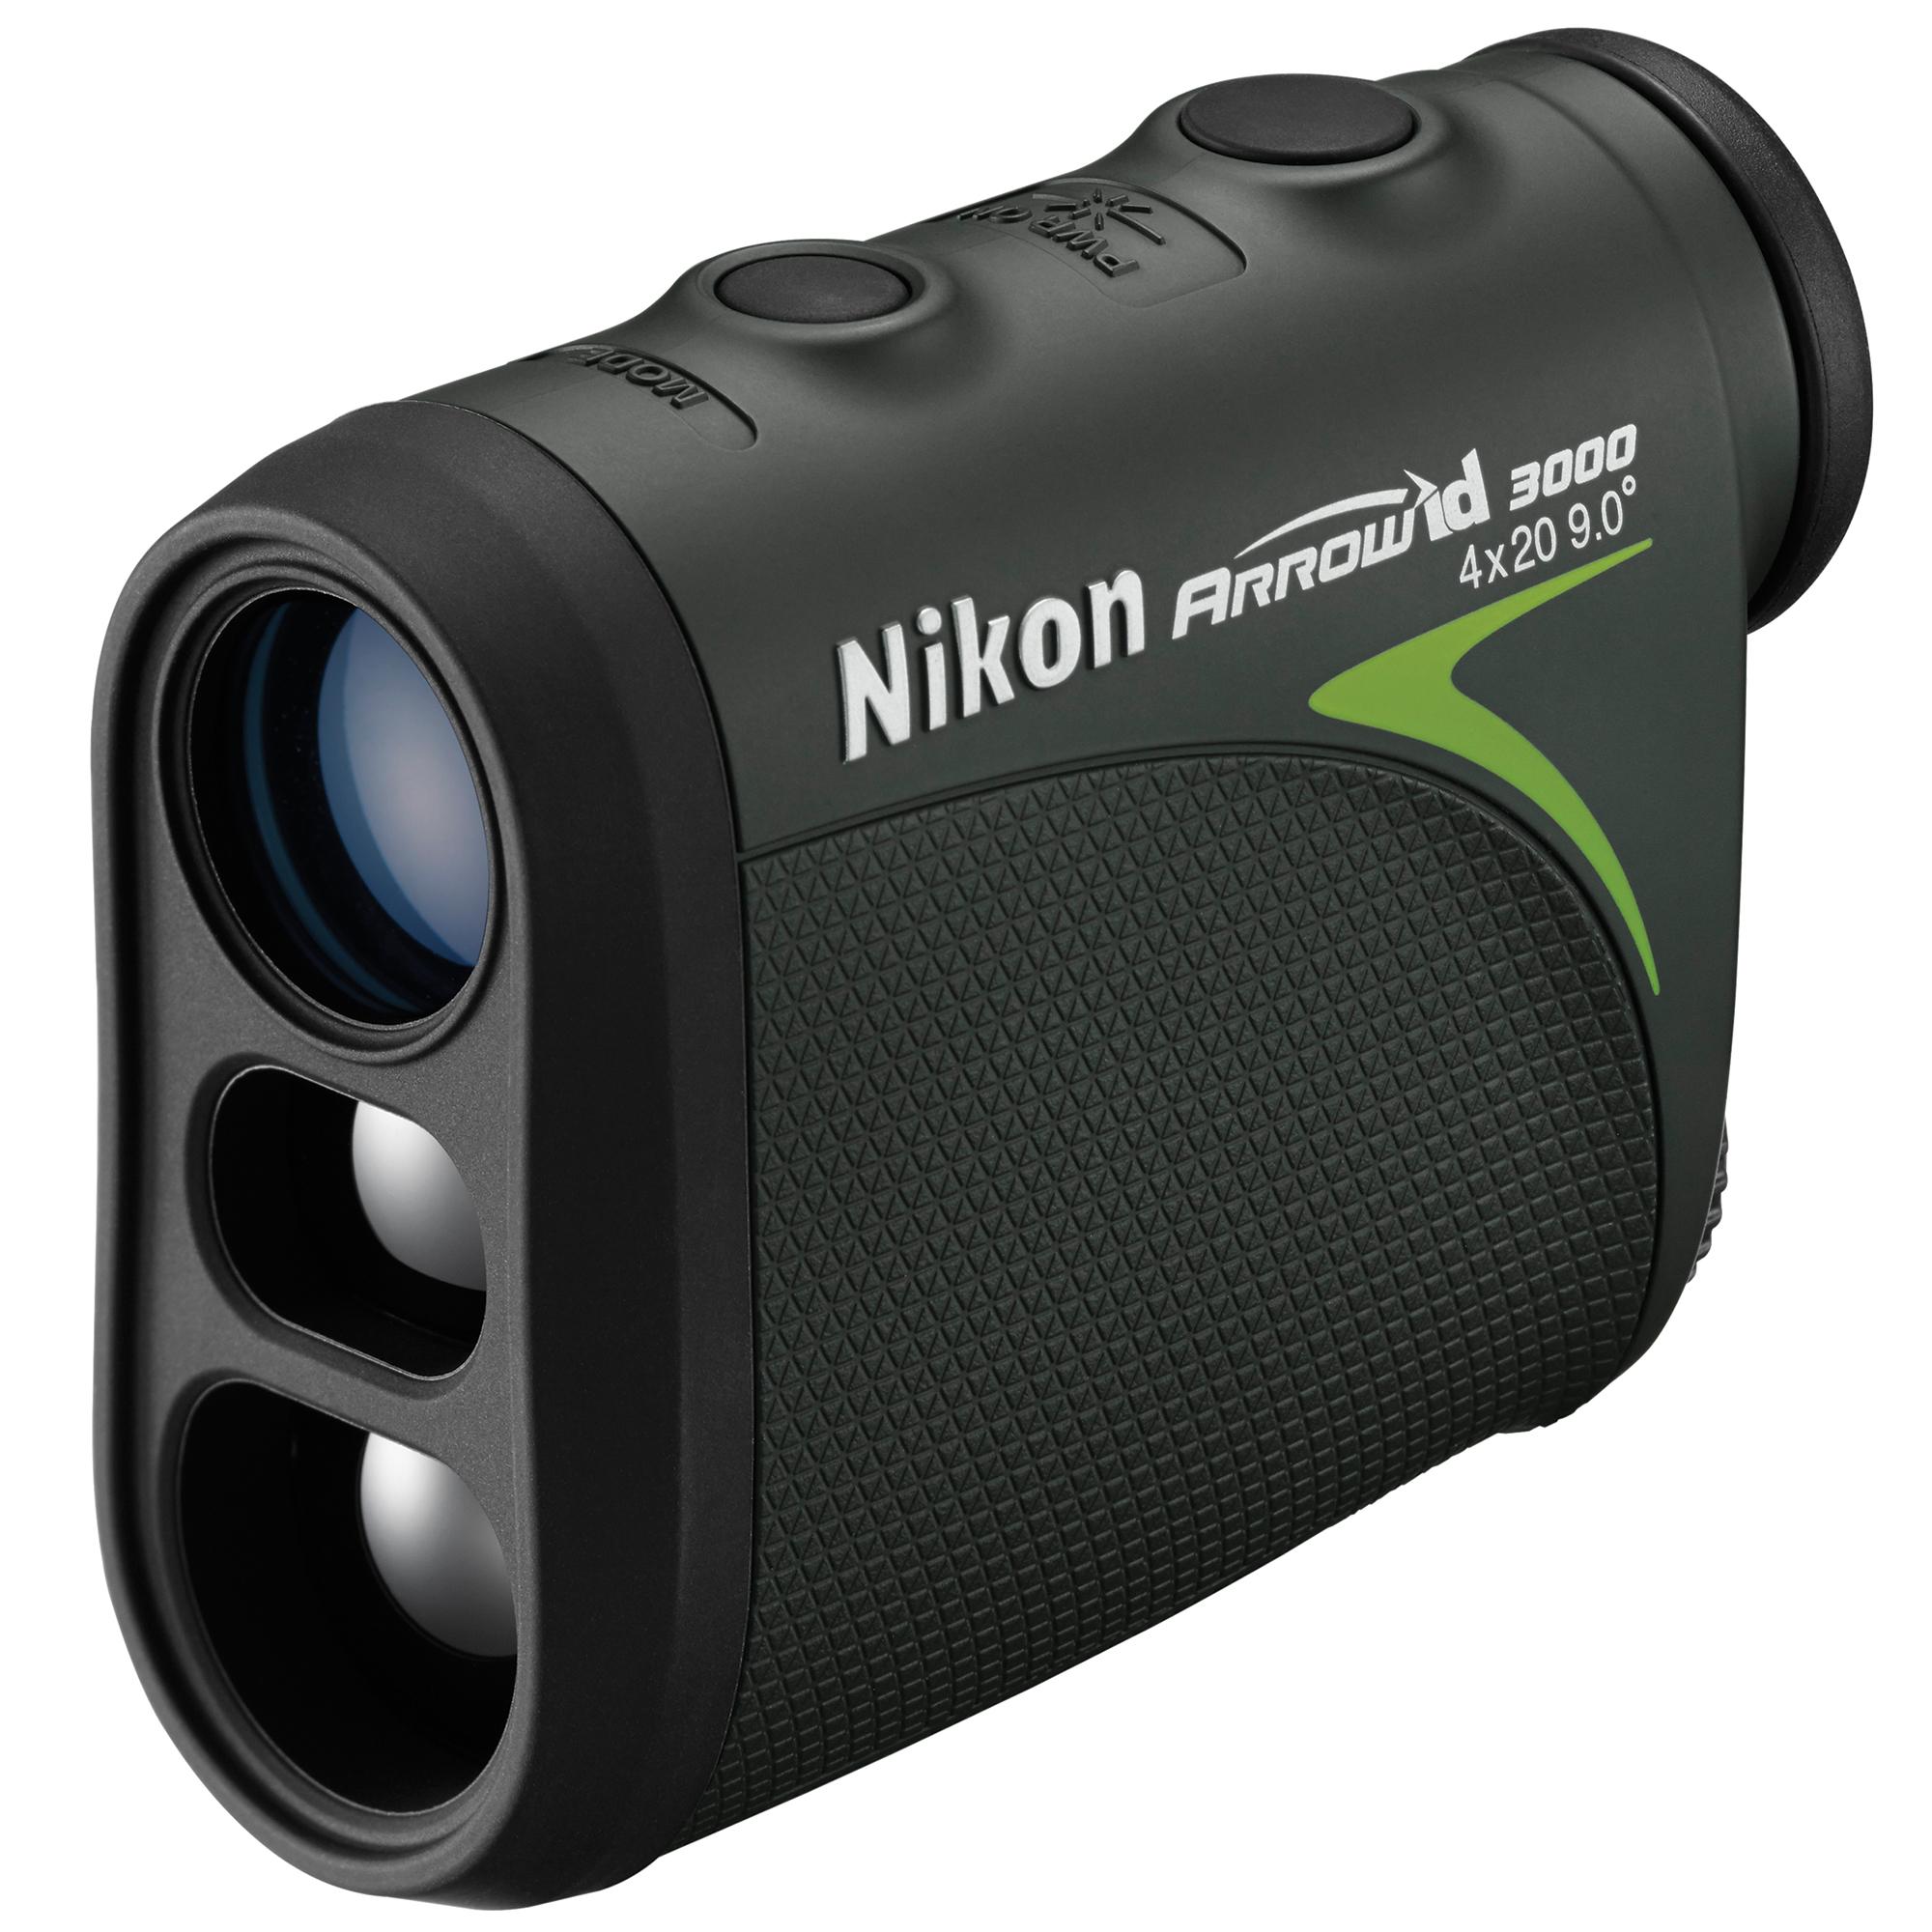 Nikon Arrow ID 3000 Laser Rangefinder